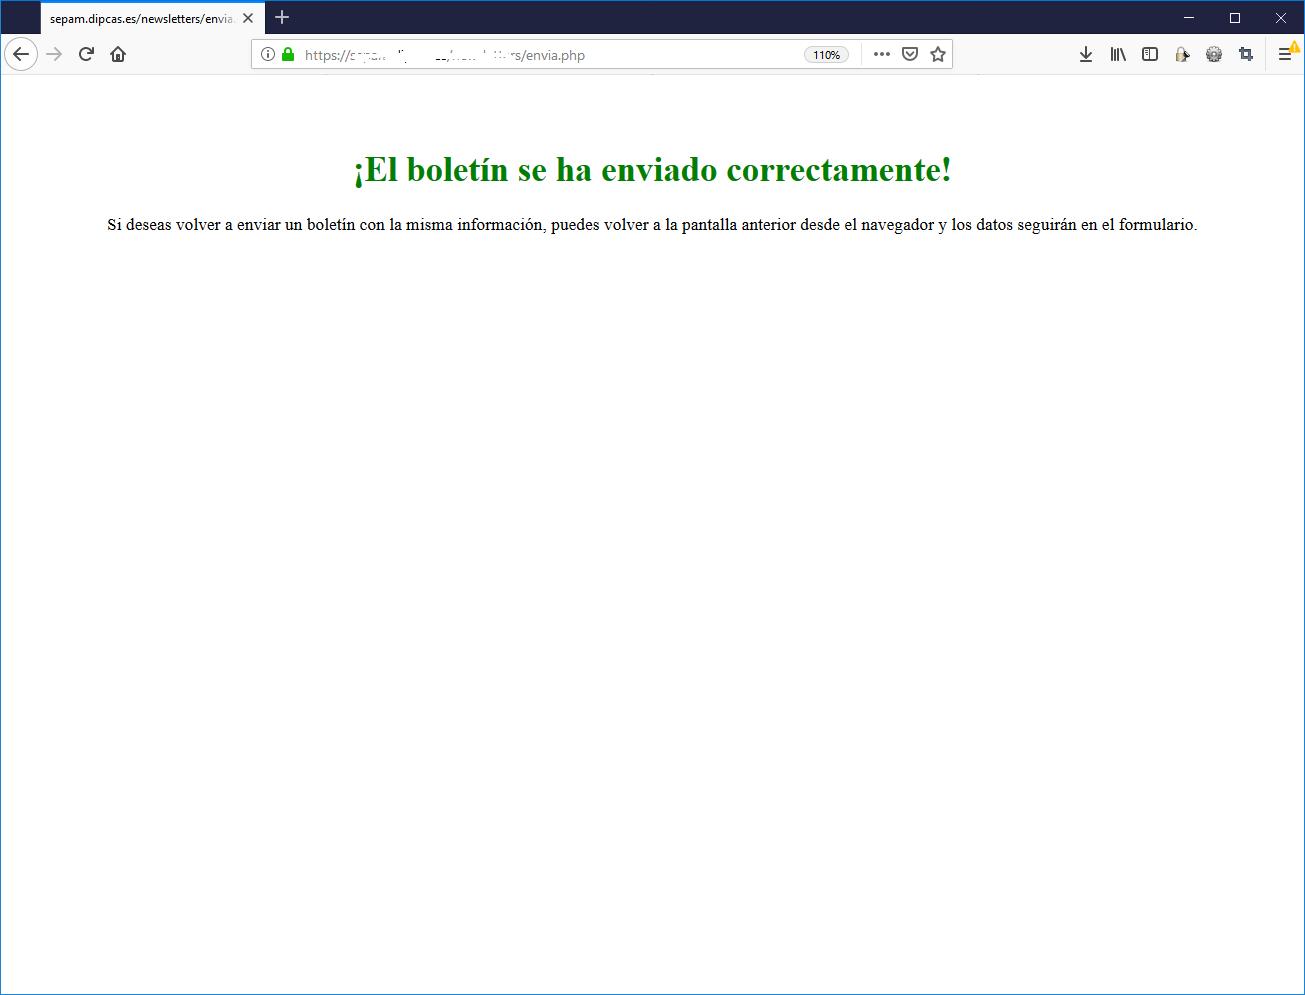 Programeta PHP per a fer enviaments de butlletins xulos amb HTML i CSS